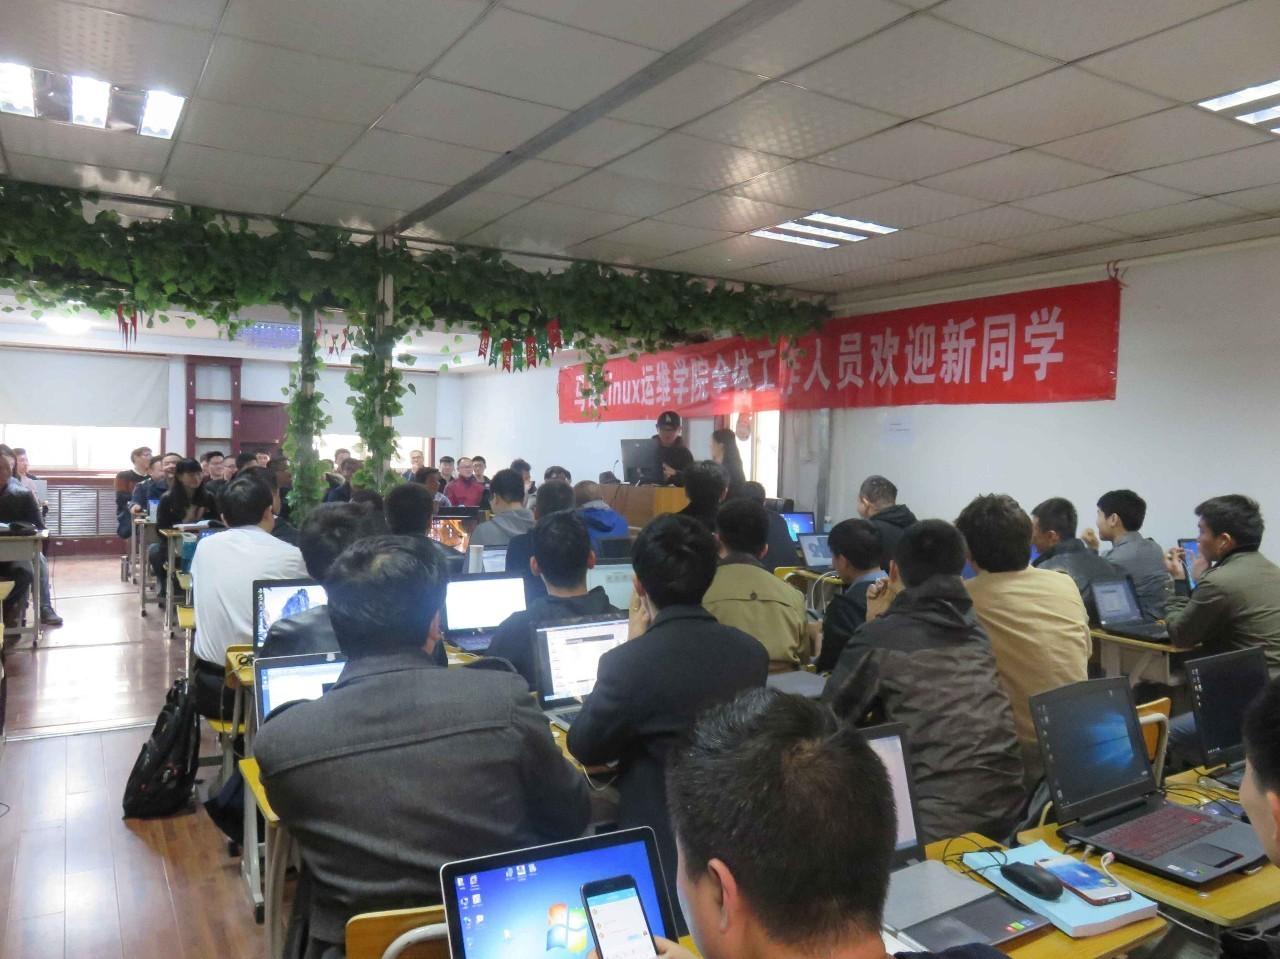 马哥教育Linux面授班23期开班典礼